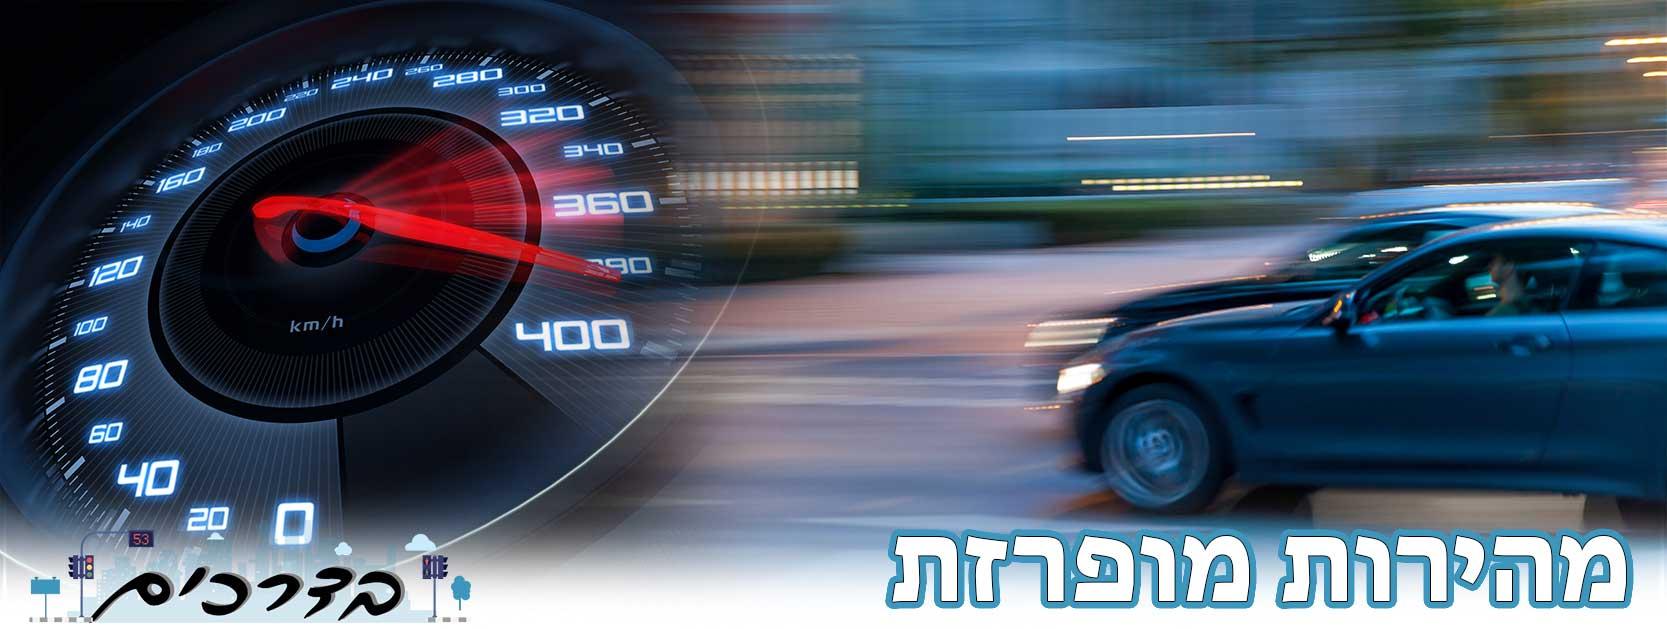 מהירות-מופרזת